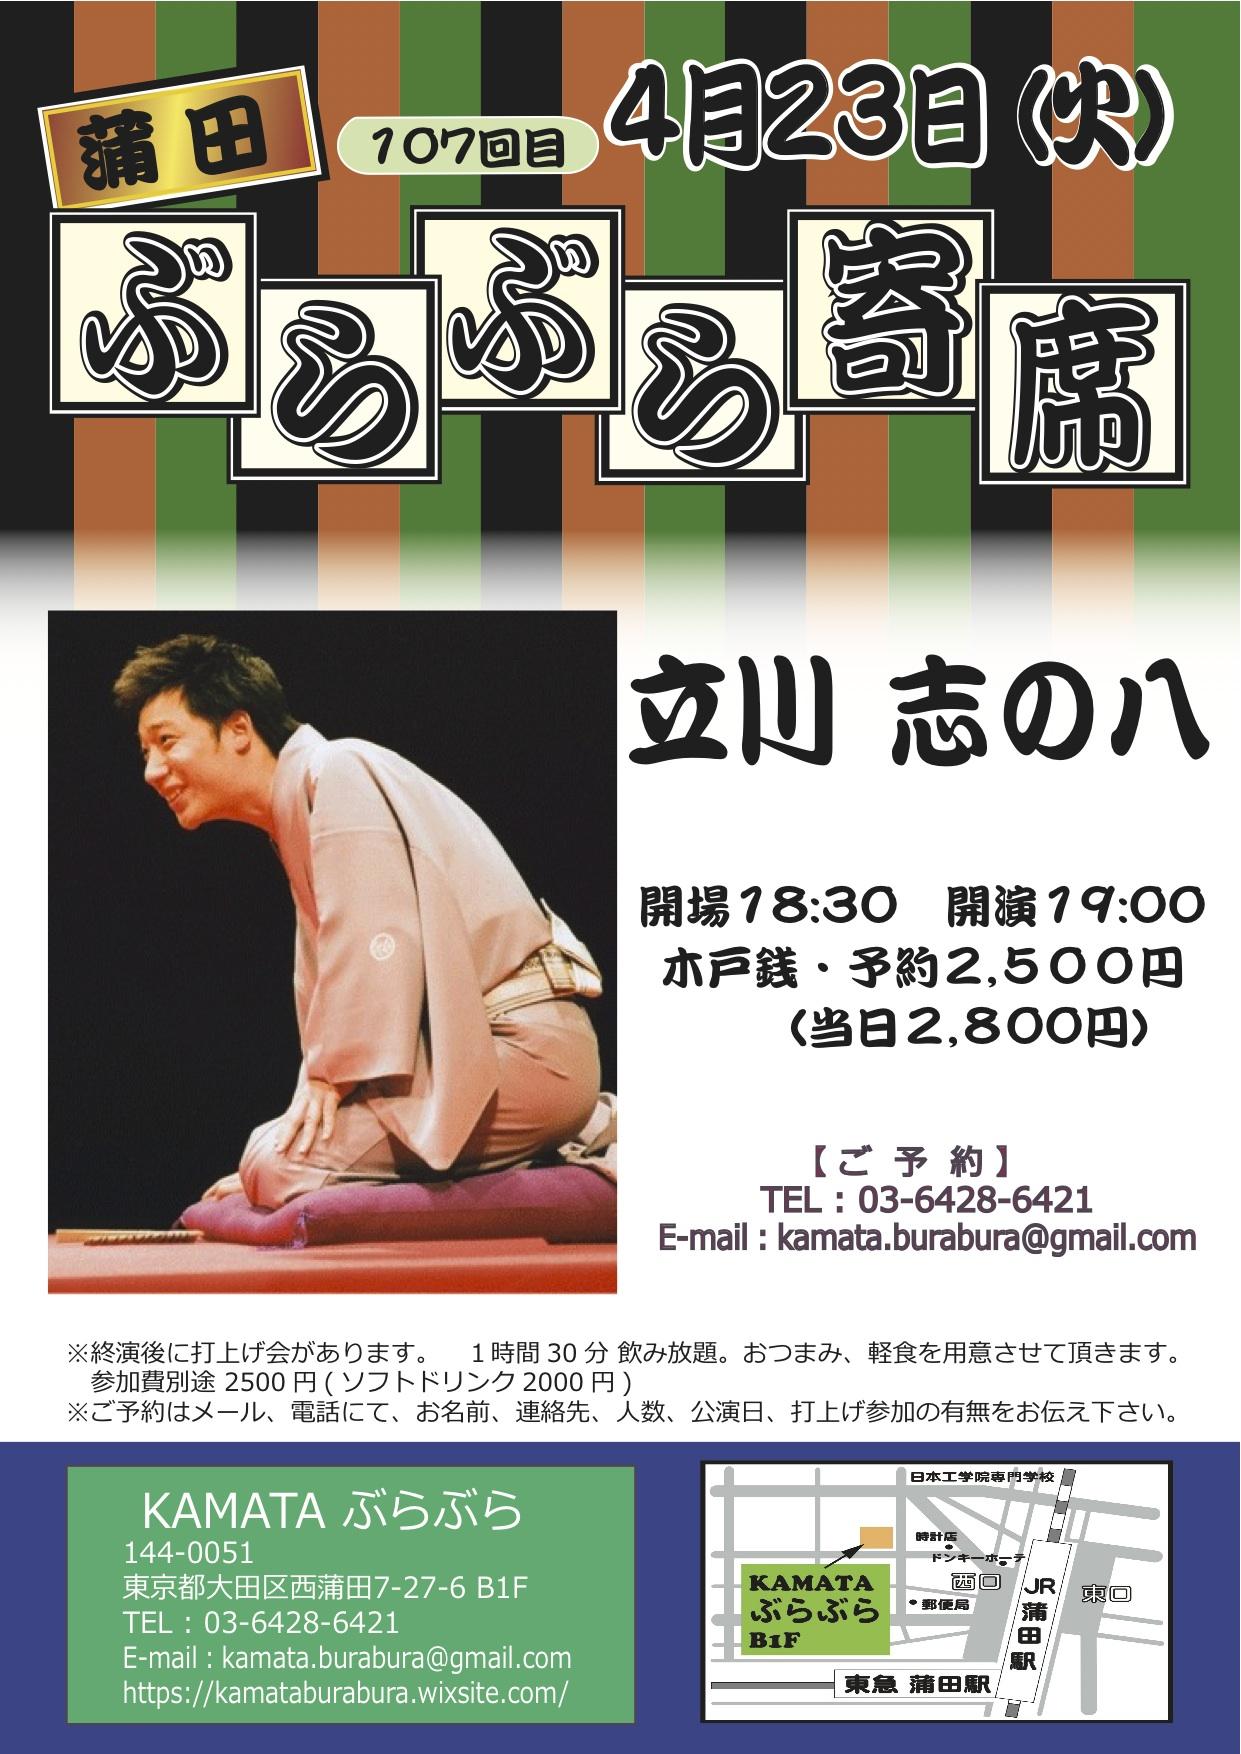 第107回 蒲田ぶらぶら寄席 立川志の八落語会